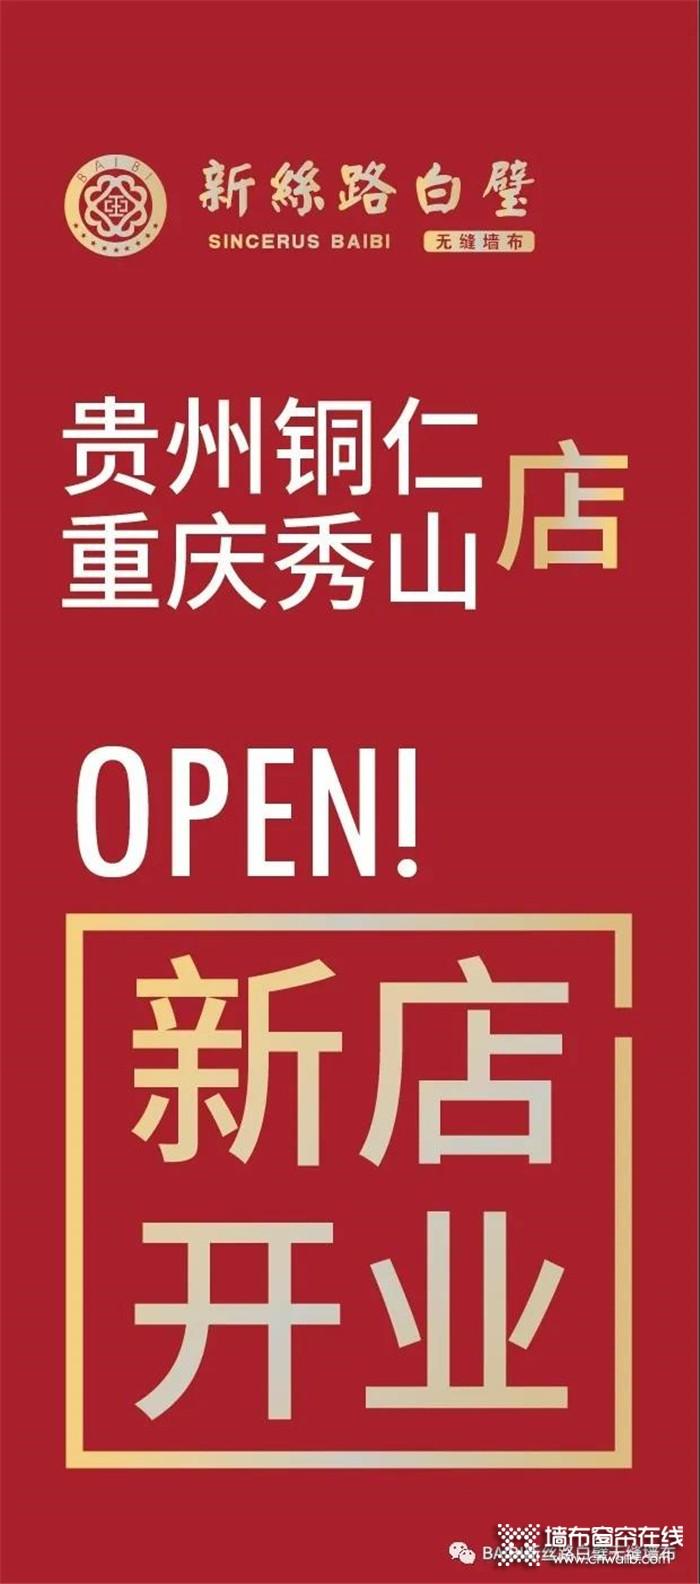 热烈祝贺新丝路白璧贵州铜仁店和重庆秀山店盛大开业!